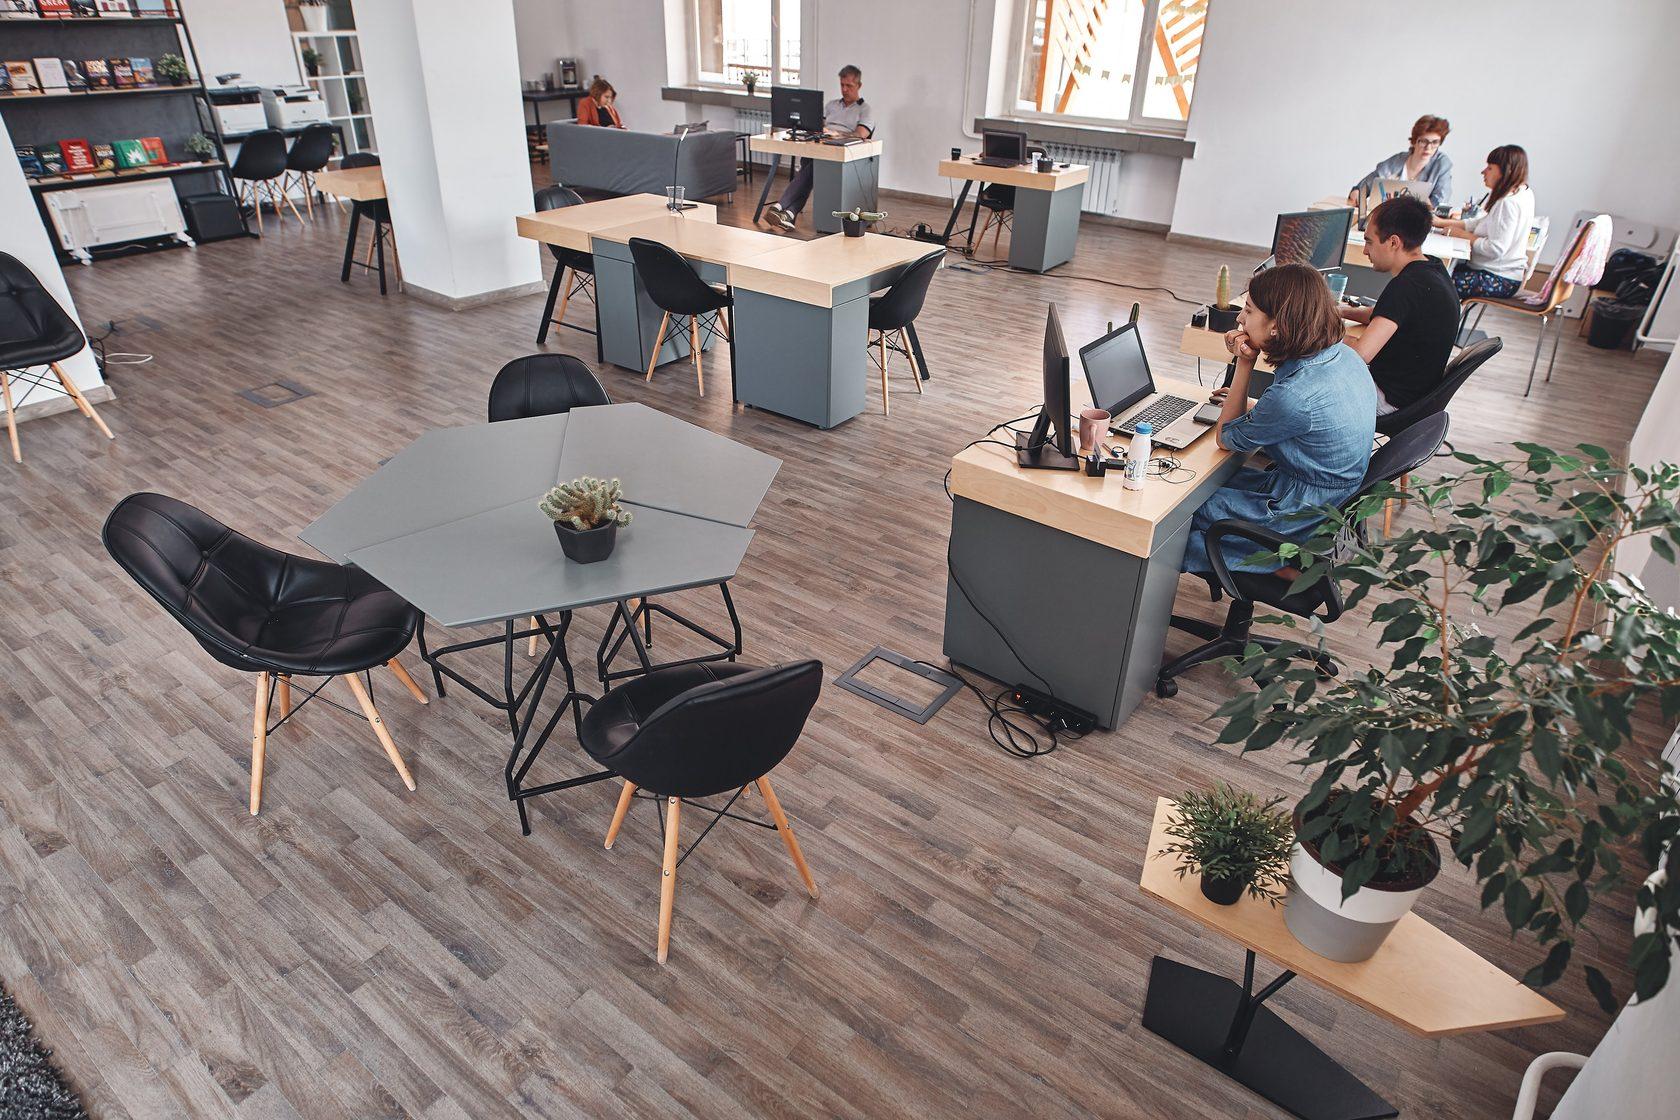 фриланс или офис для дизайнера